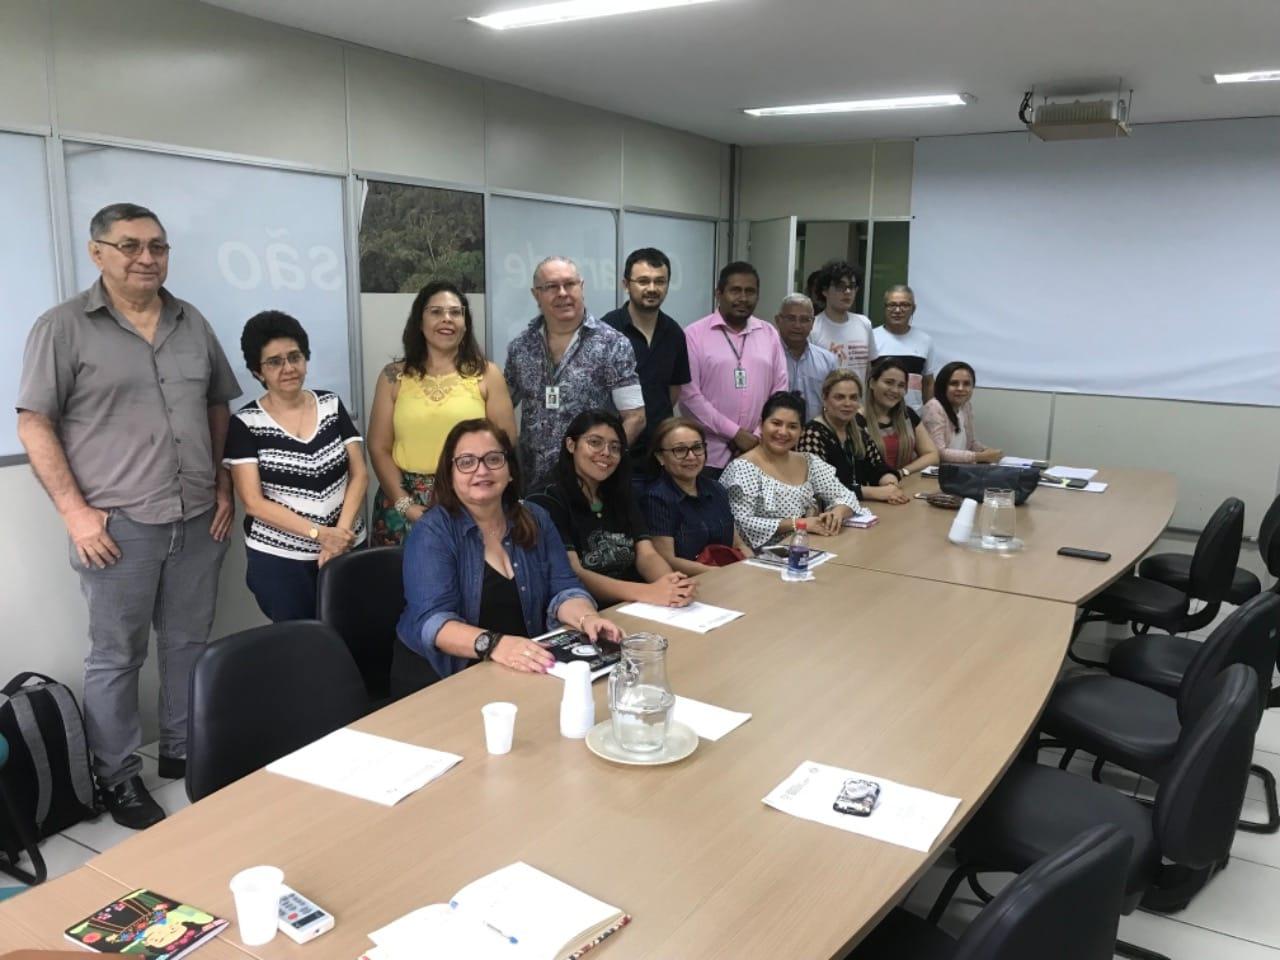 Equipe da Comissão Própria de Avaliação - CPA da Universidade Federal do Amazonas - UFAM.